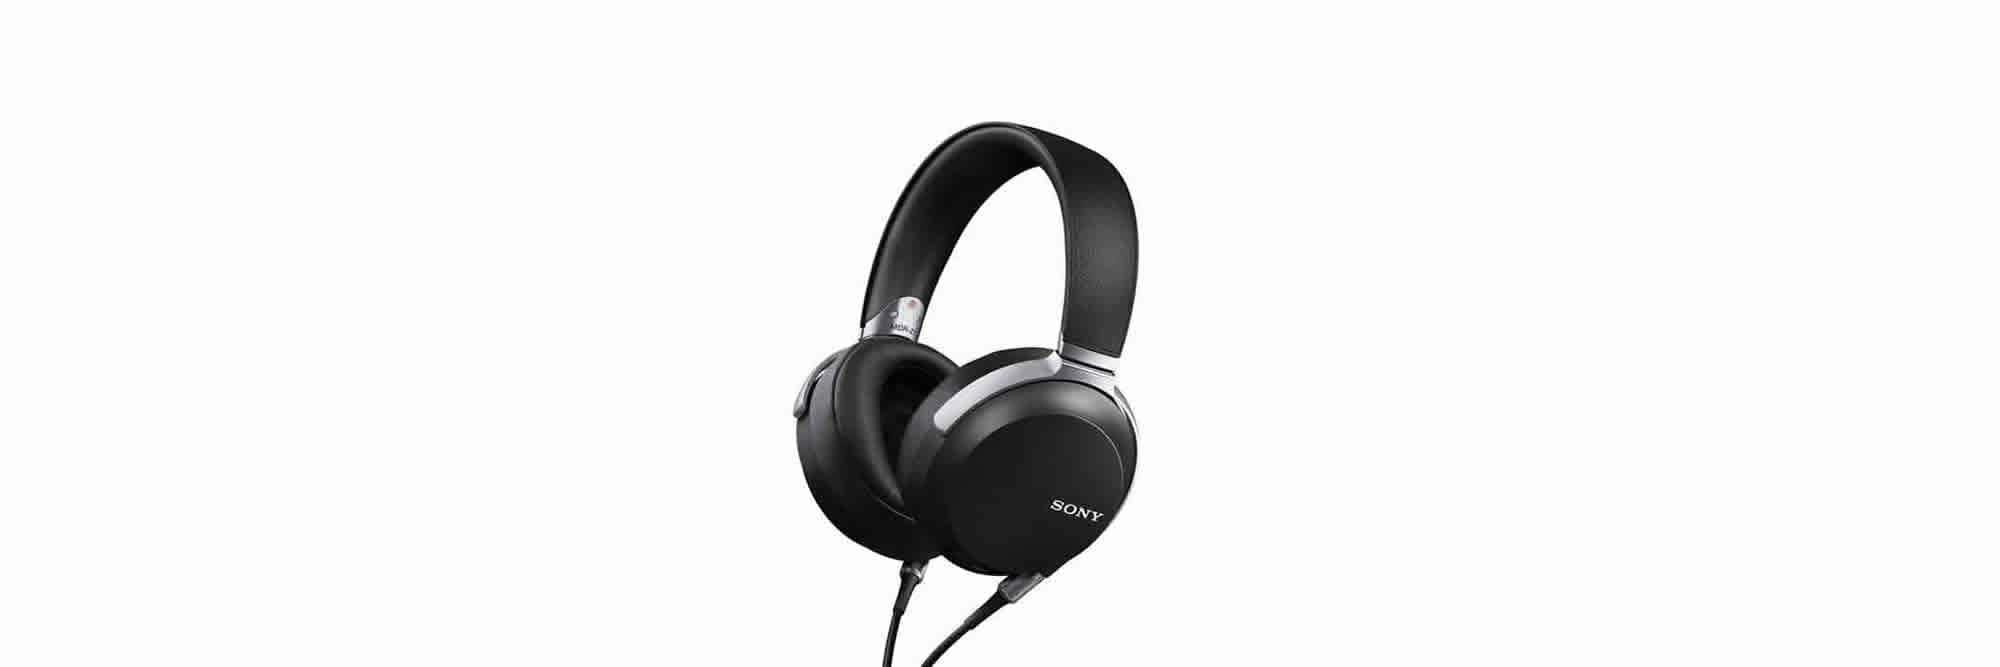 Sony Headphones Quiz